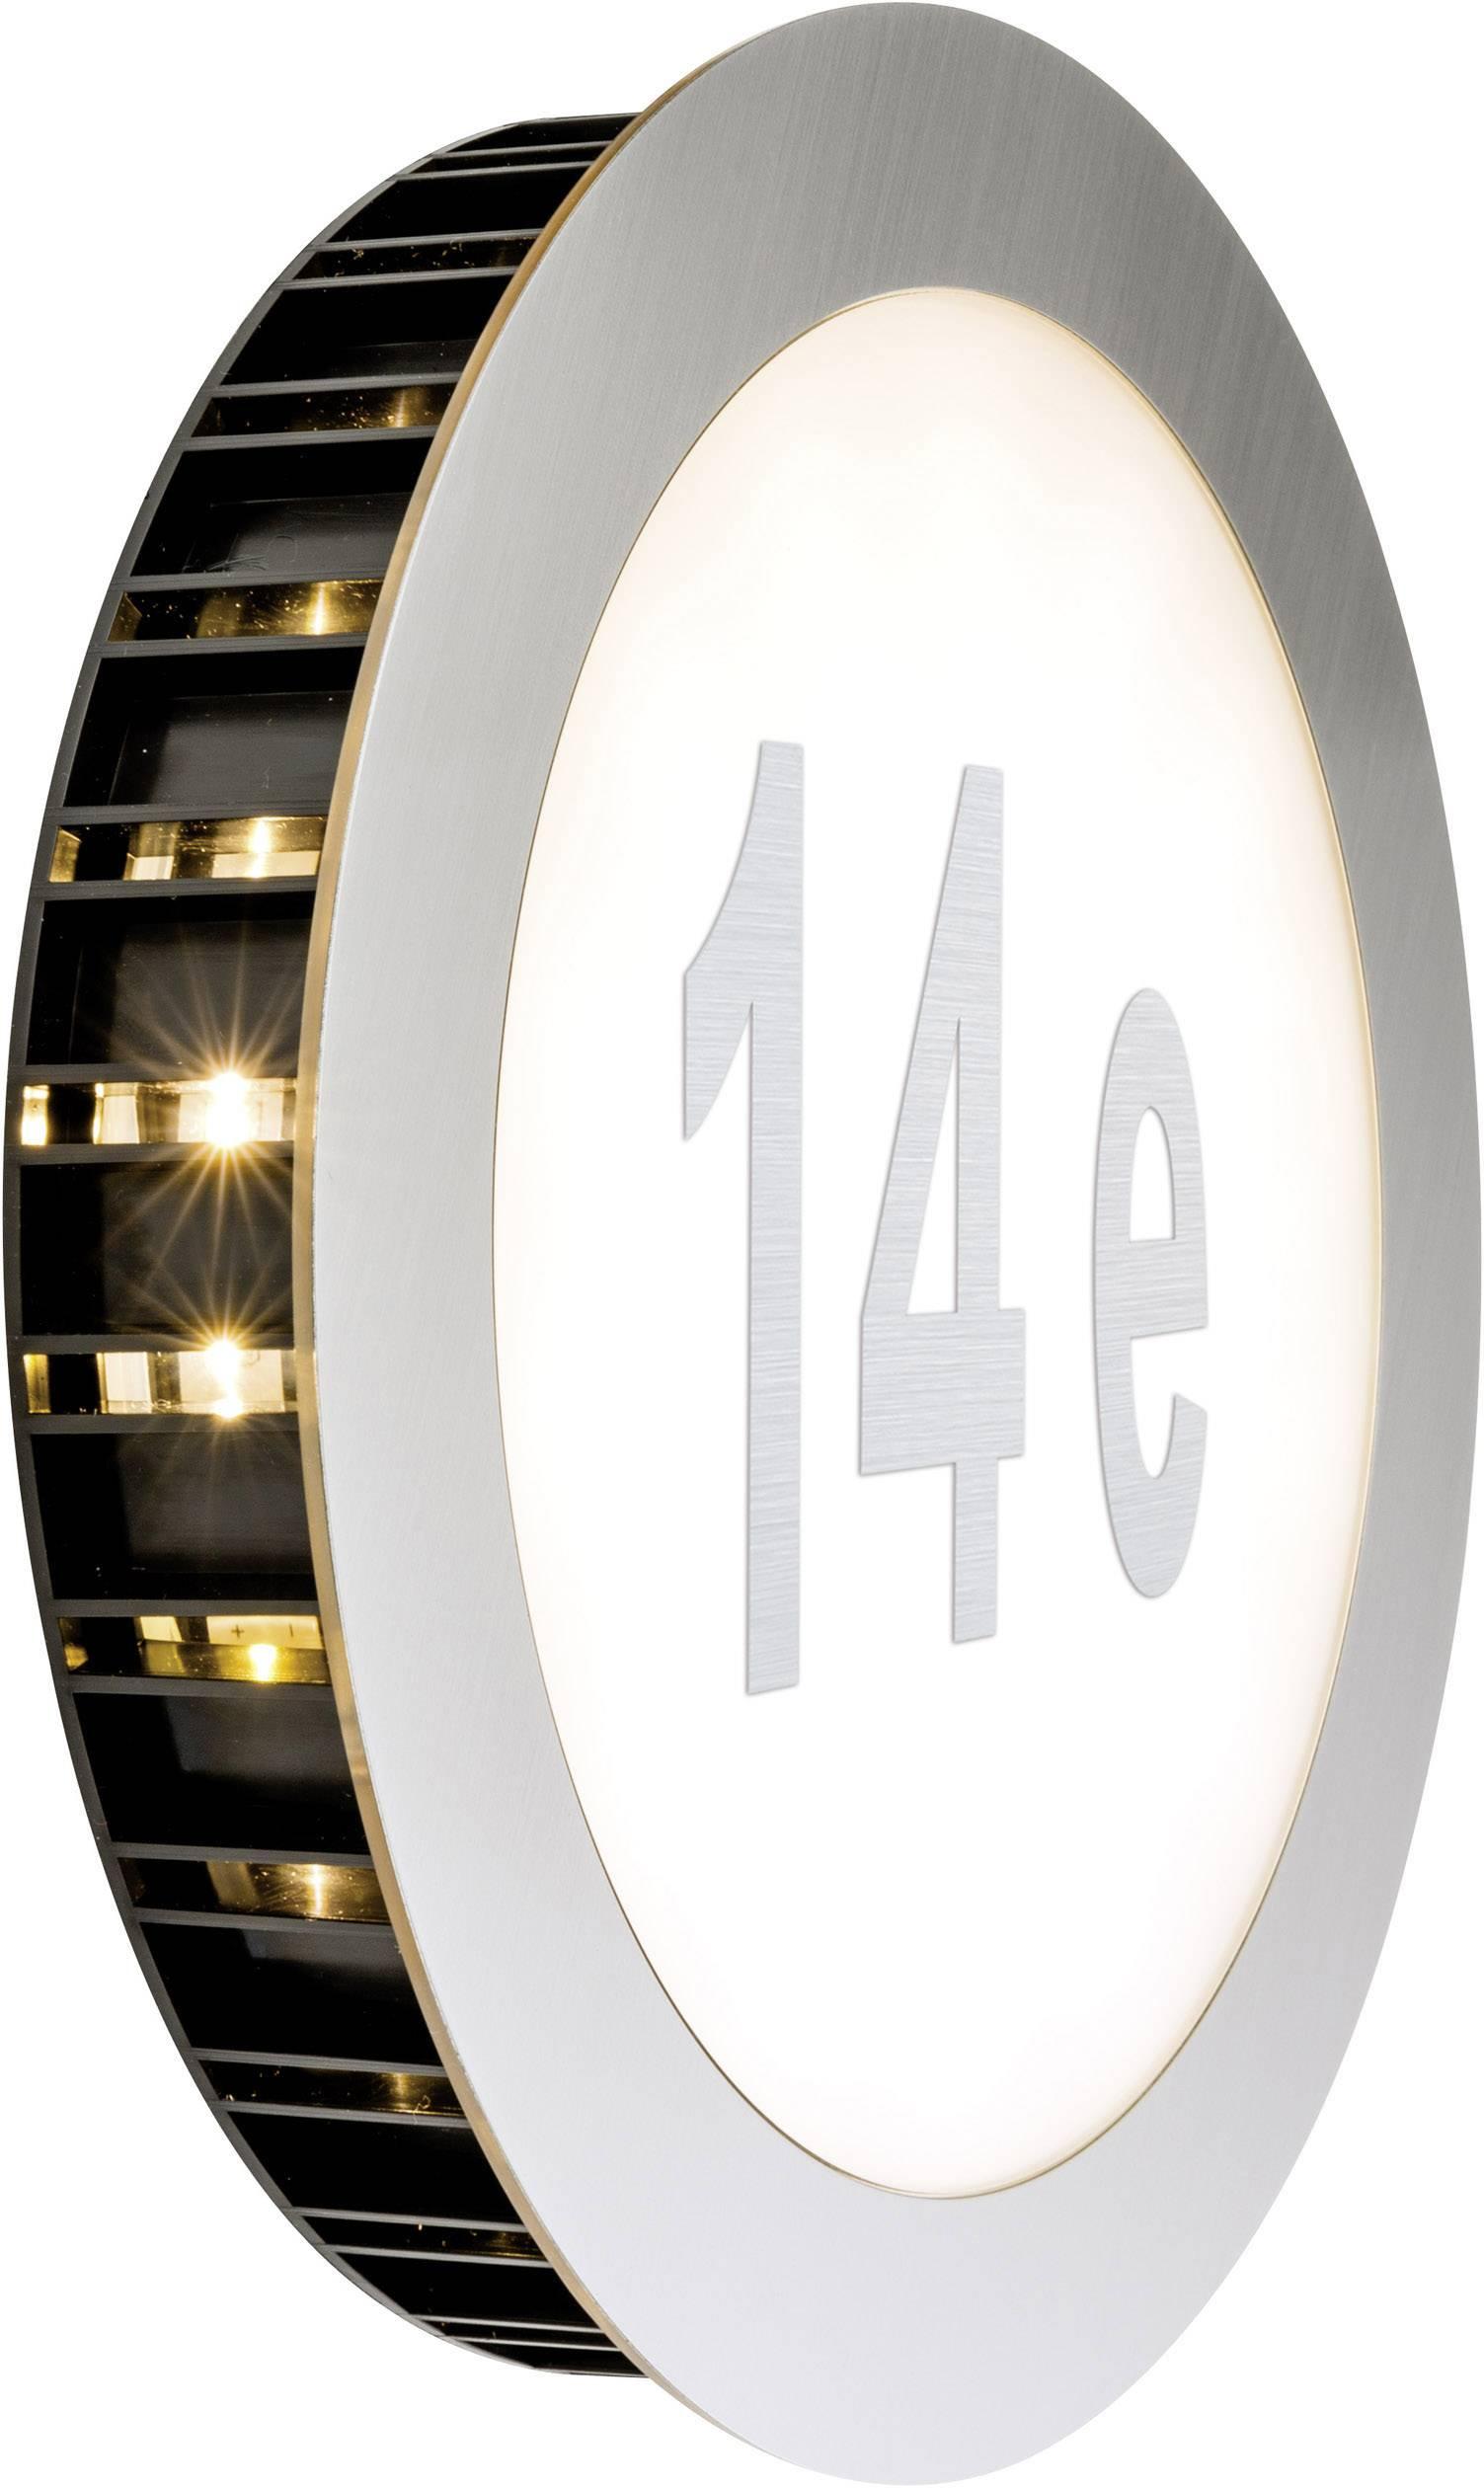 LED osvetlenie čísla domu 5.6 W teplá biela Paulmann Sunset 93791 nerezová oceľ